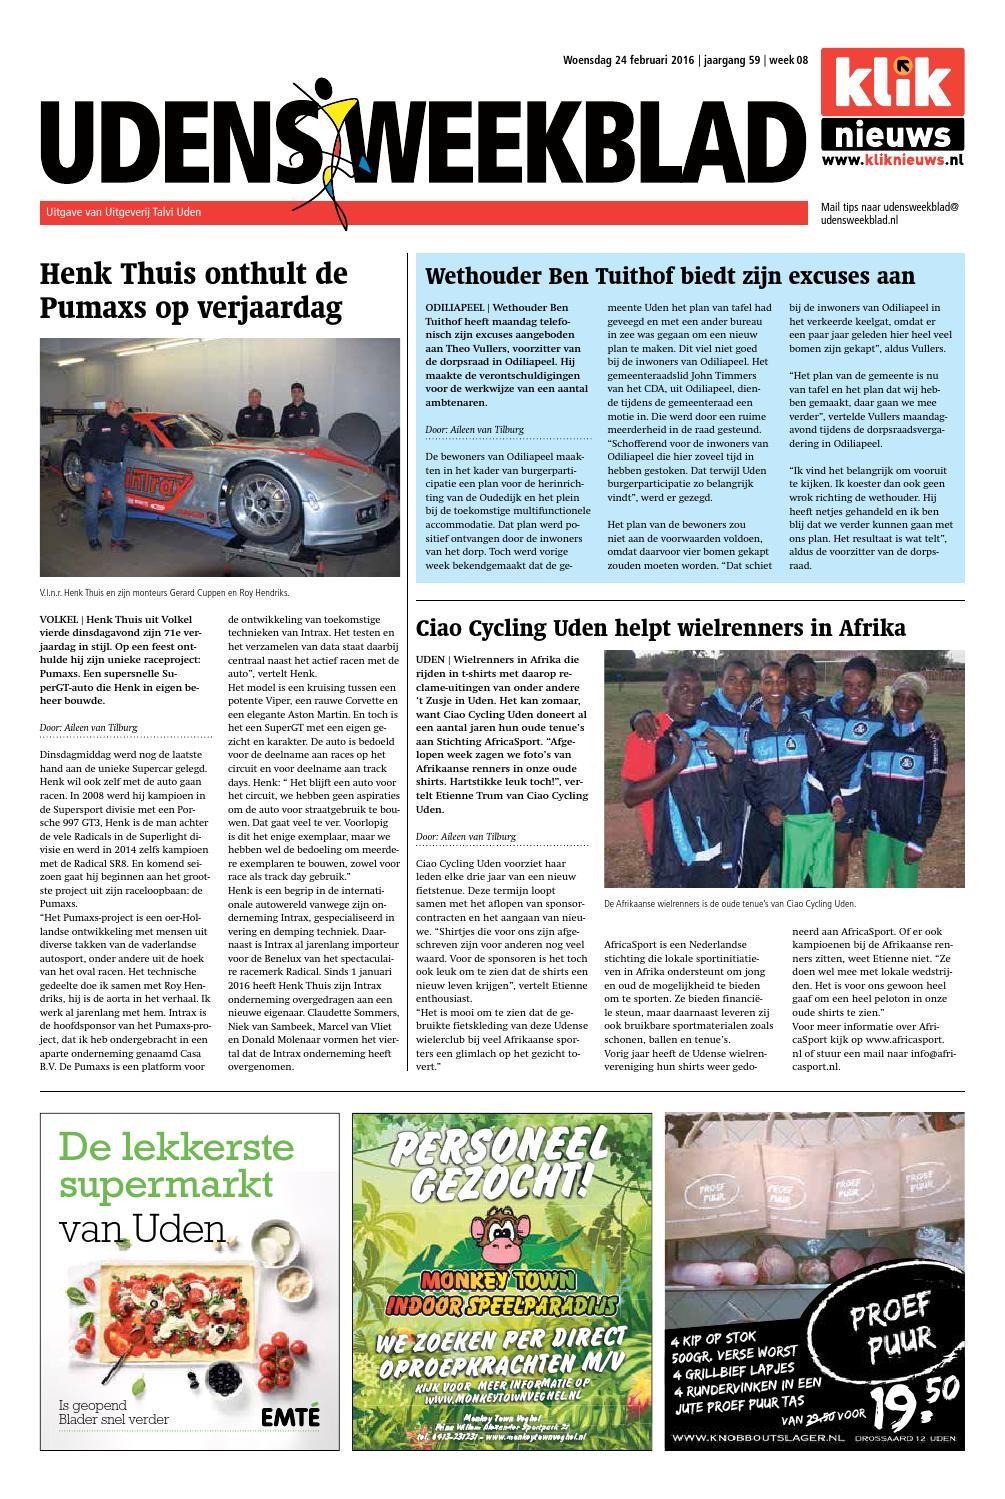 Autobedrijf Nathasja udens weekblad week 08 2016uitgeverij talvi - issuu